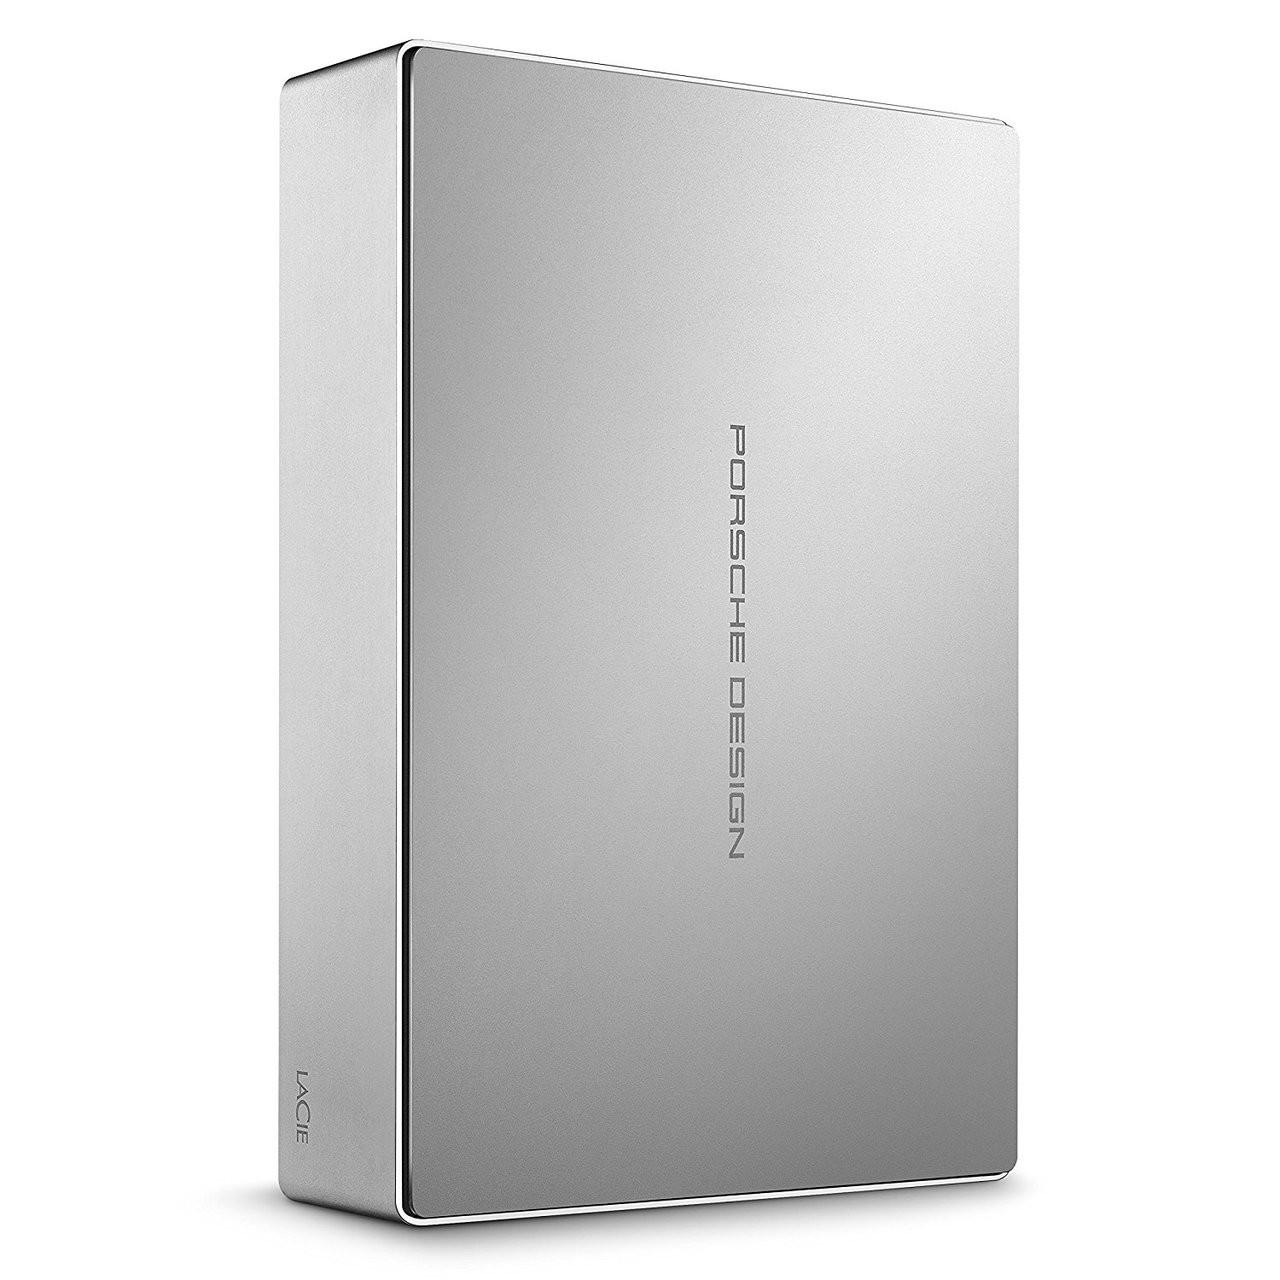 Lacie Stex6000100 D2 Thunderbolt 2 Usb 3 0 7200rpm 6tb